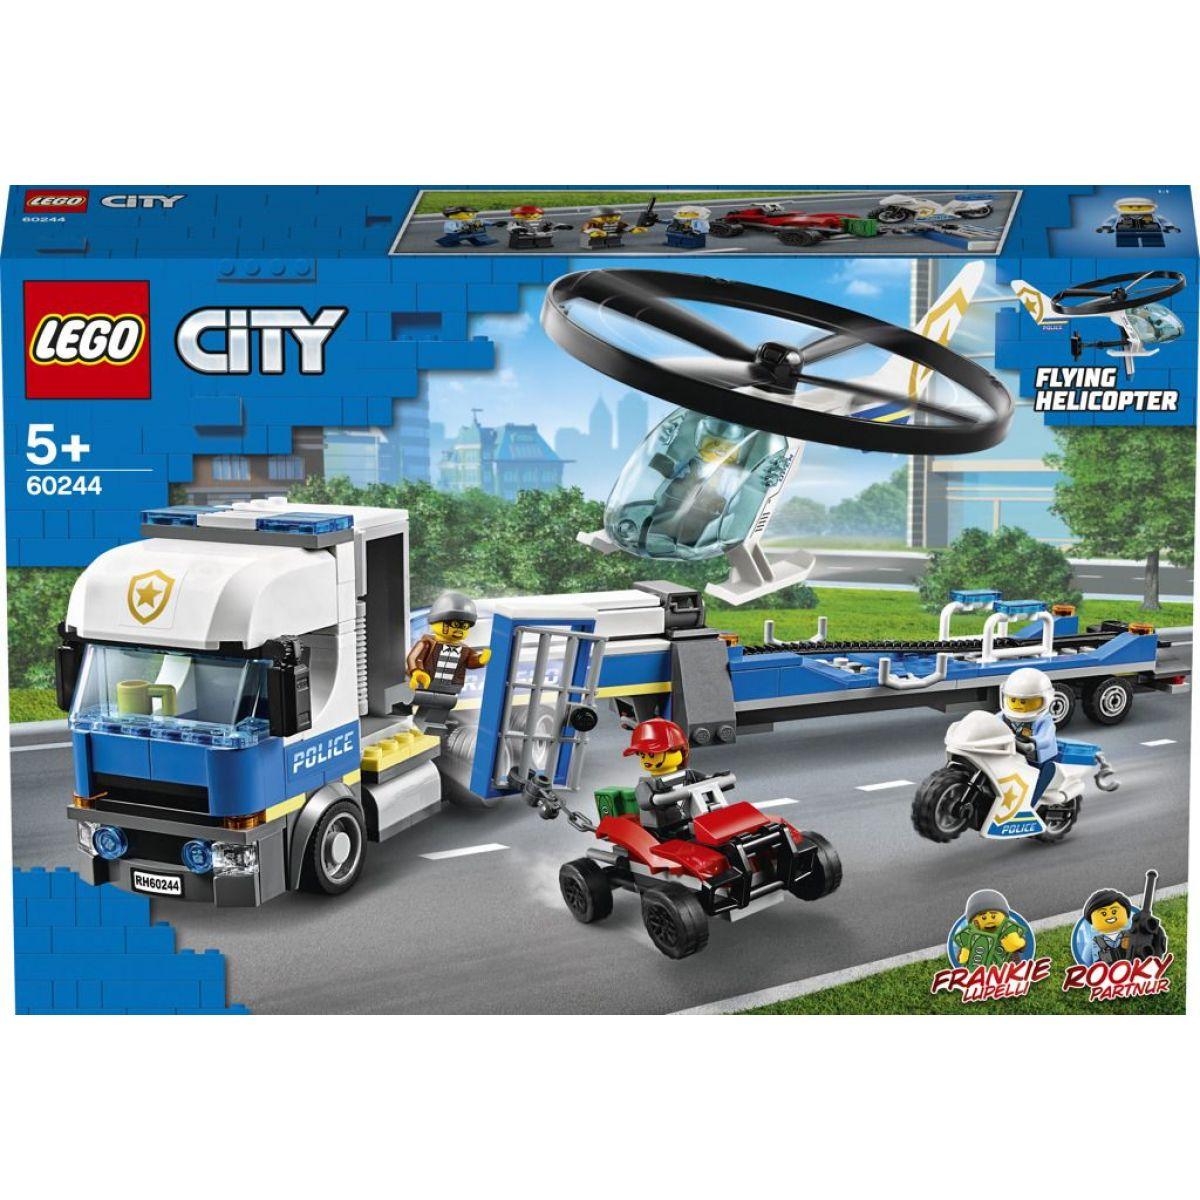 LEGO City 60244 Preprava policajnej helikoptéry - Poškodený obal